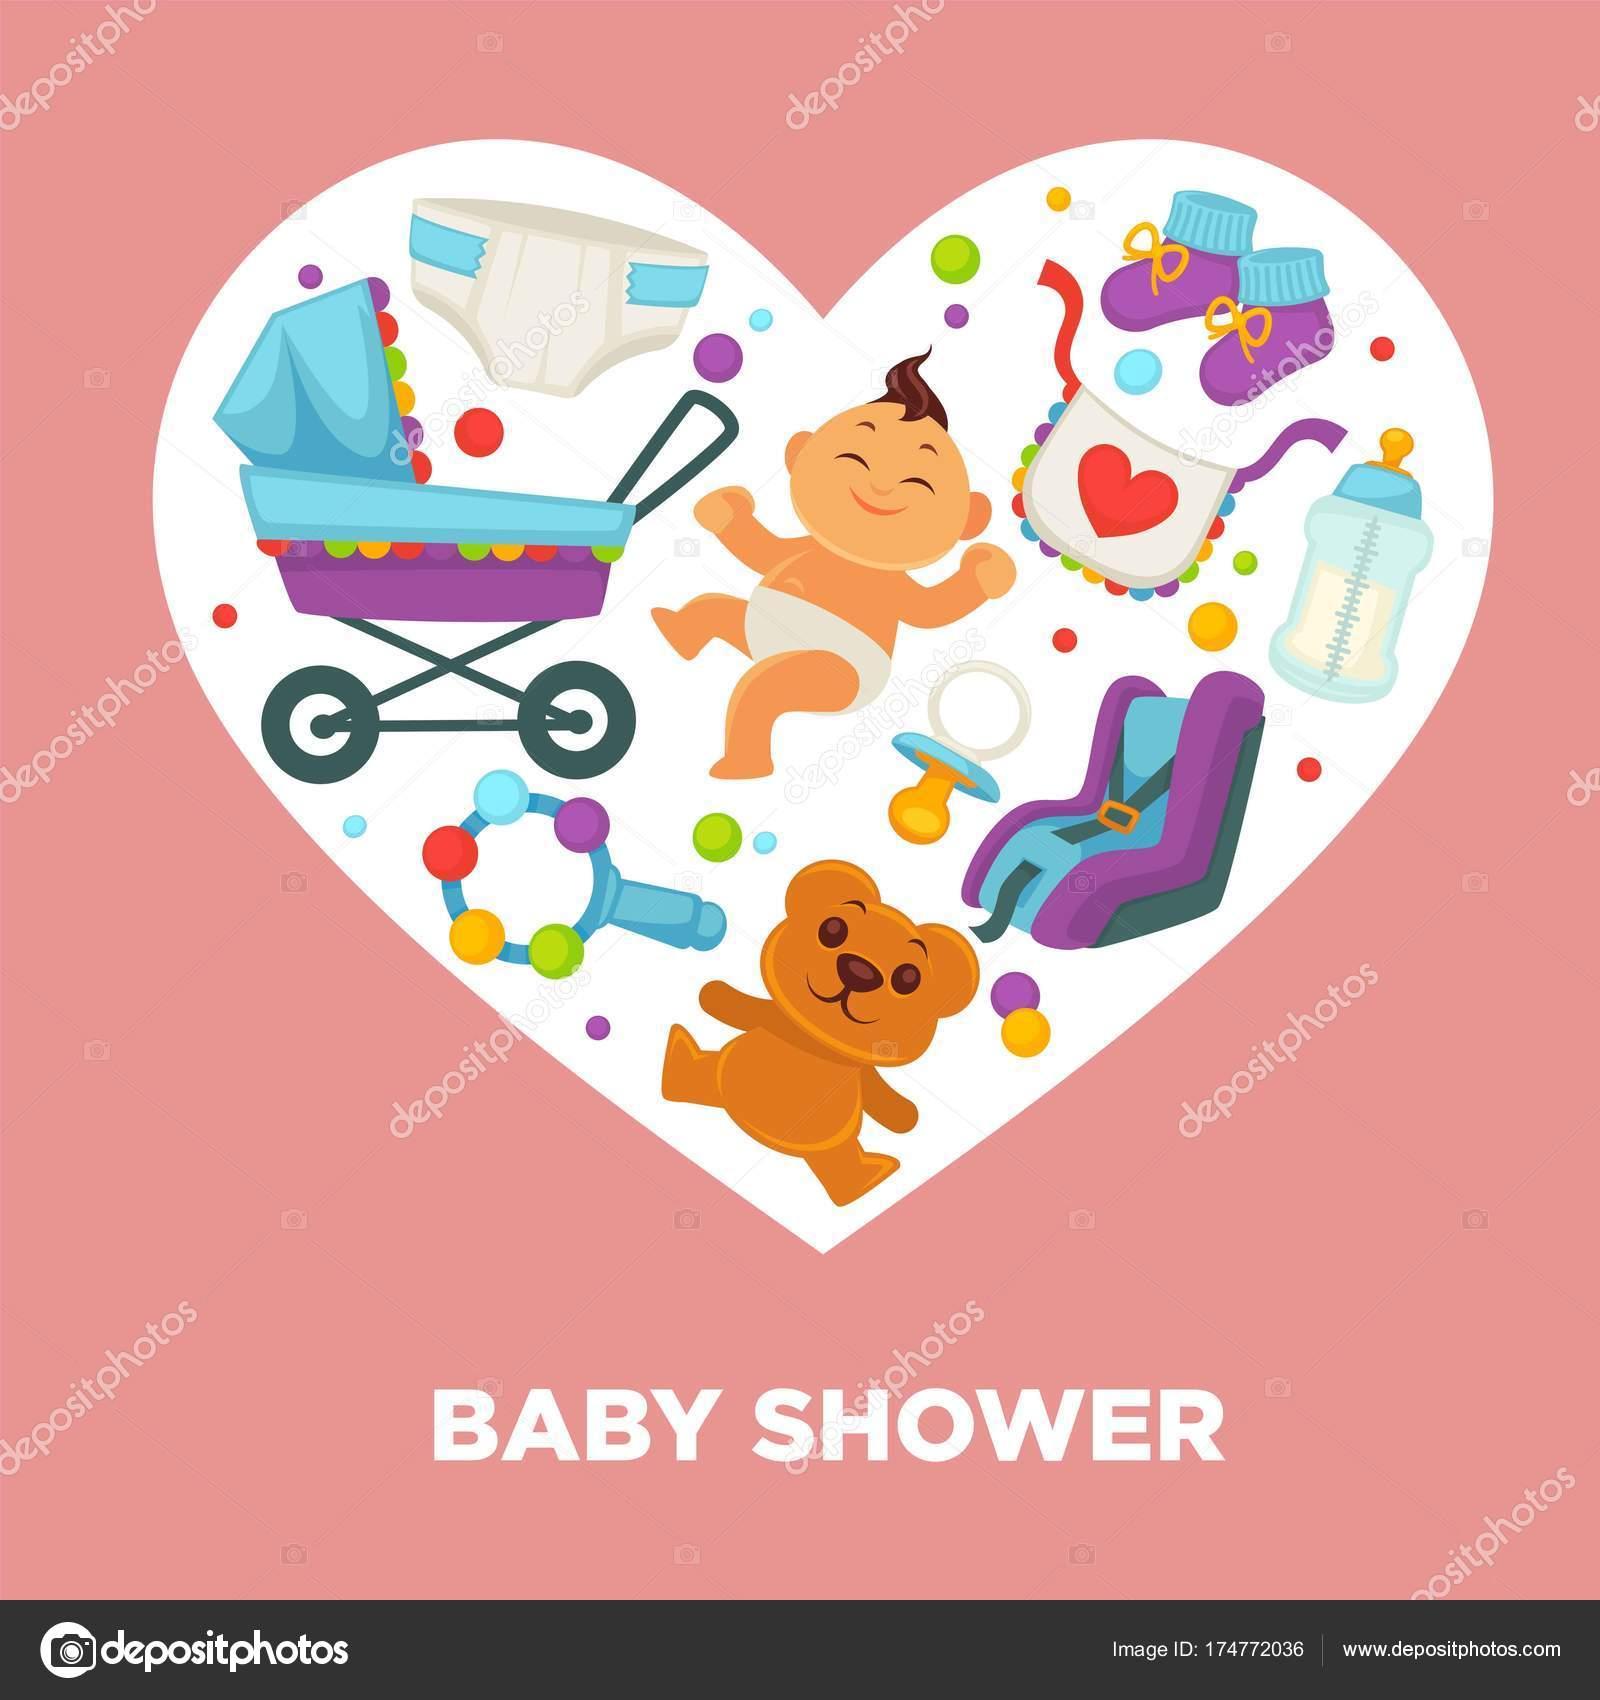 7287d802a4235 Bebé ducha tarjeta de felicitación para el niño o niña niño nacimiento o  invitación cartel. Vectores bebé